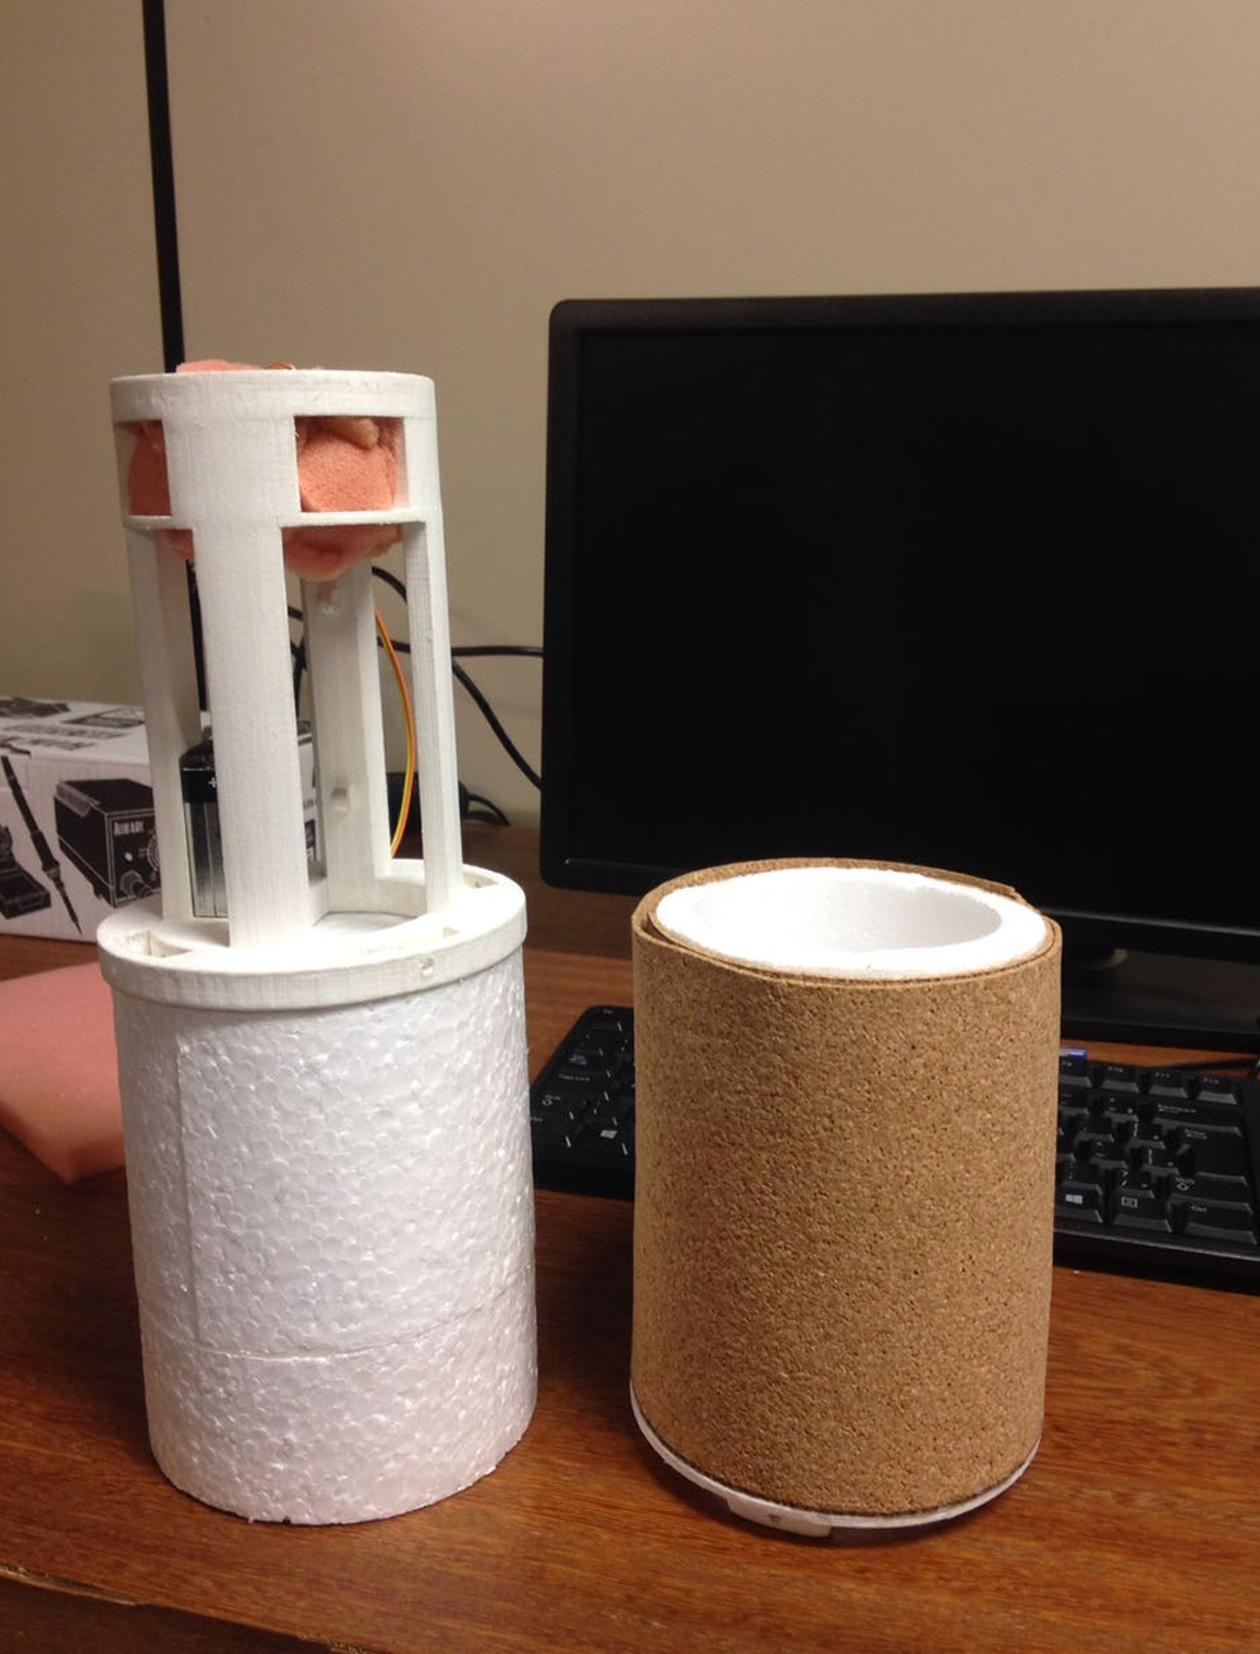 Alunos desenvolverão satélites usando latas de refrigerantes - Divulgação/UFMG/ND